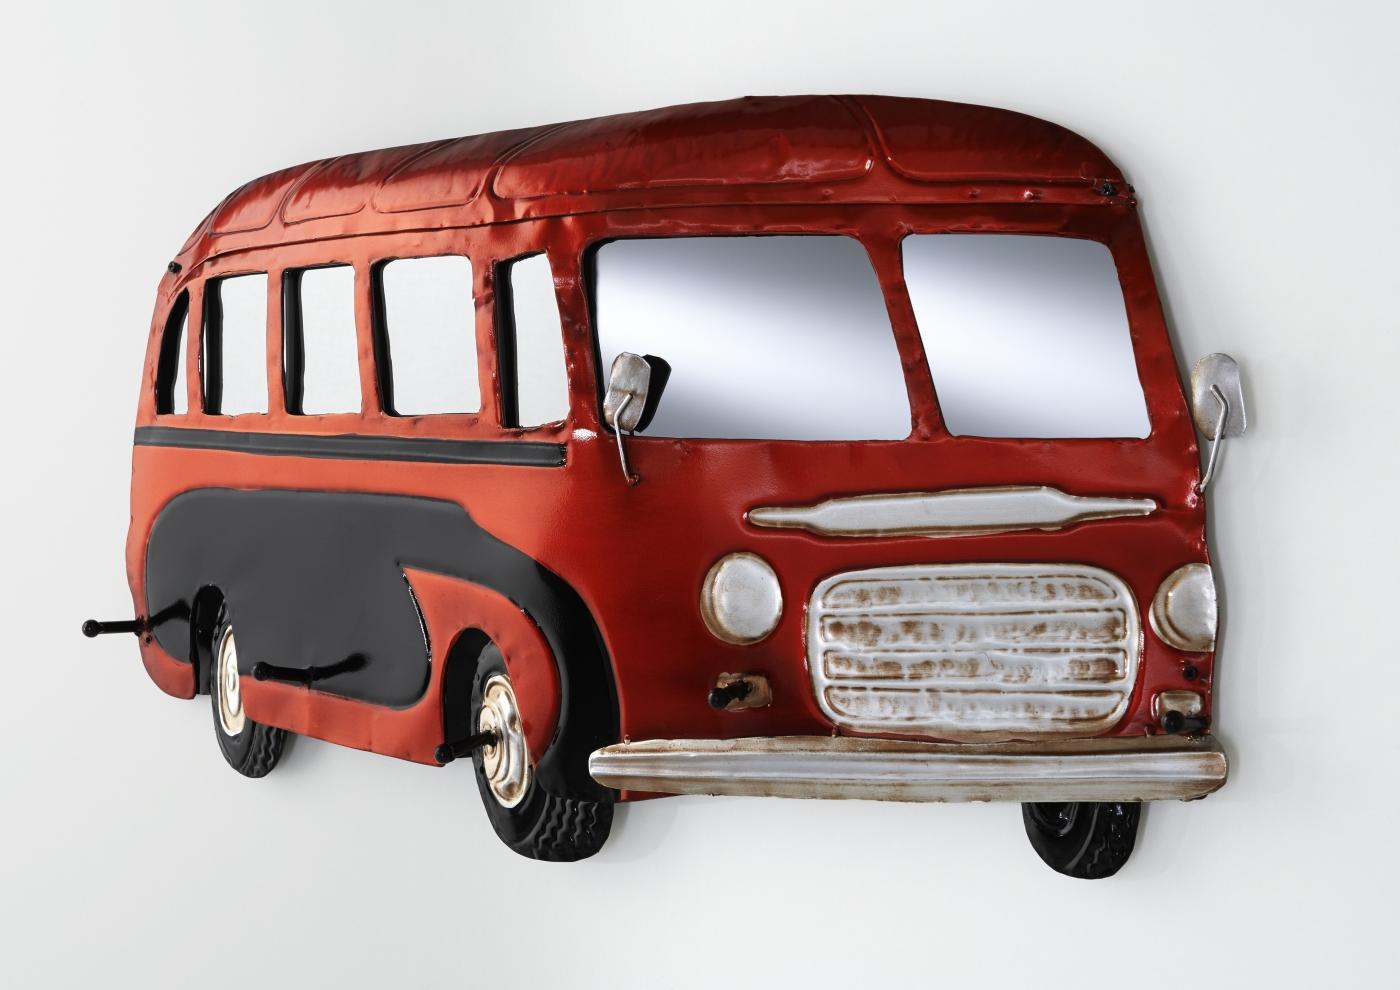 Nástěnný věšák Daga, 79 cm, černá / červená